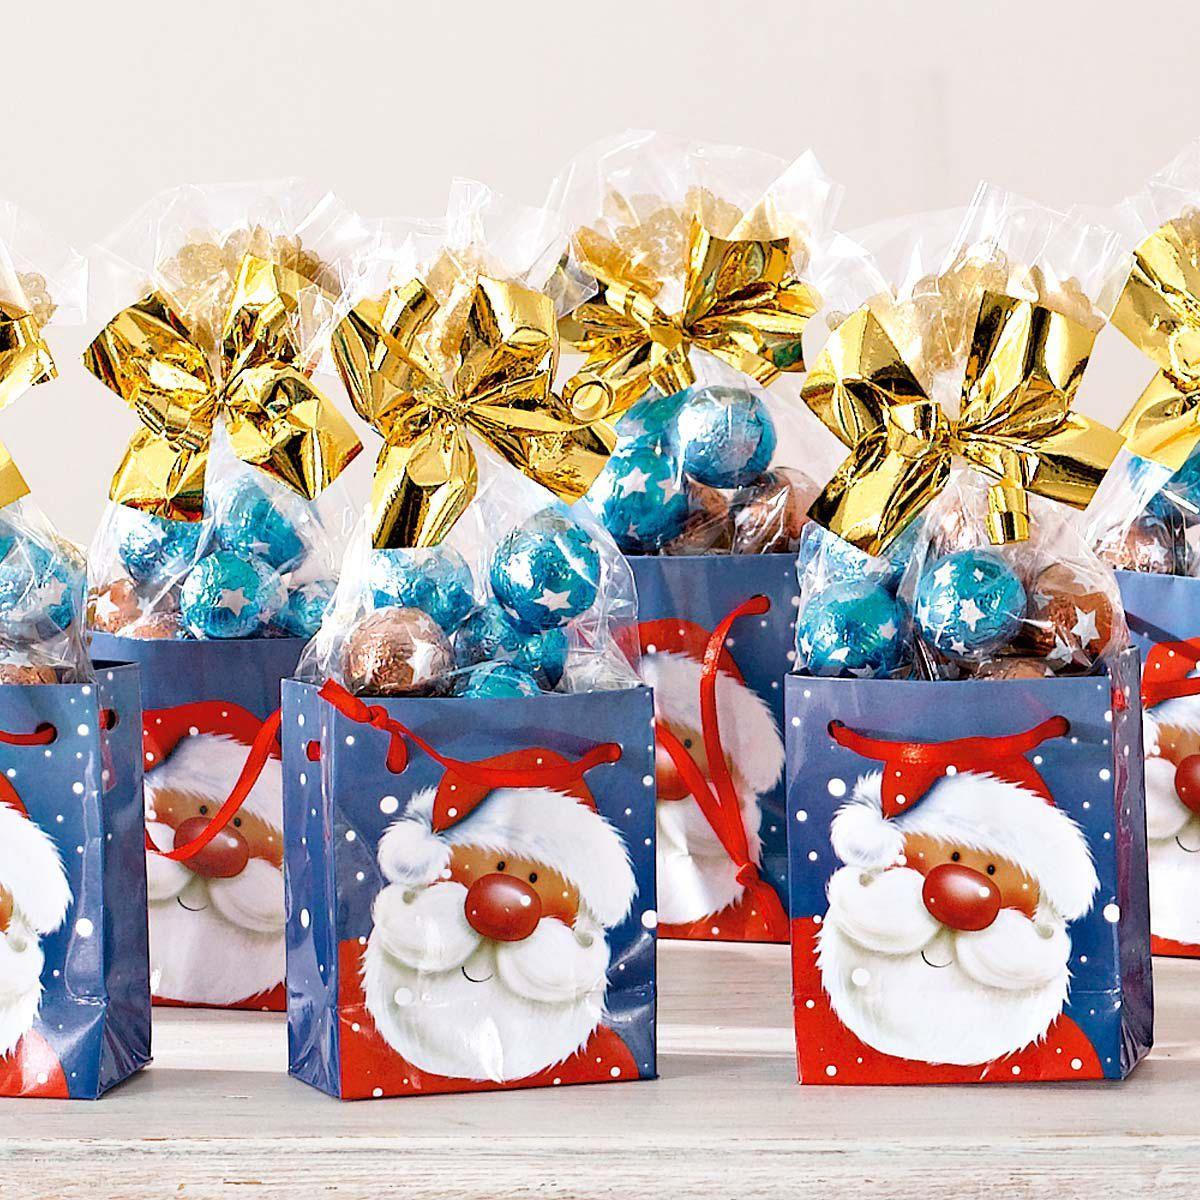 mini weihnachtst ten set 10 tlg je ca l7xb4xh8 cm je 50g schokolade einfach geschenke. Black Bedroom Furniture Sets. Home Design Ideas